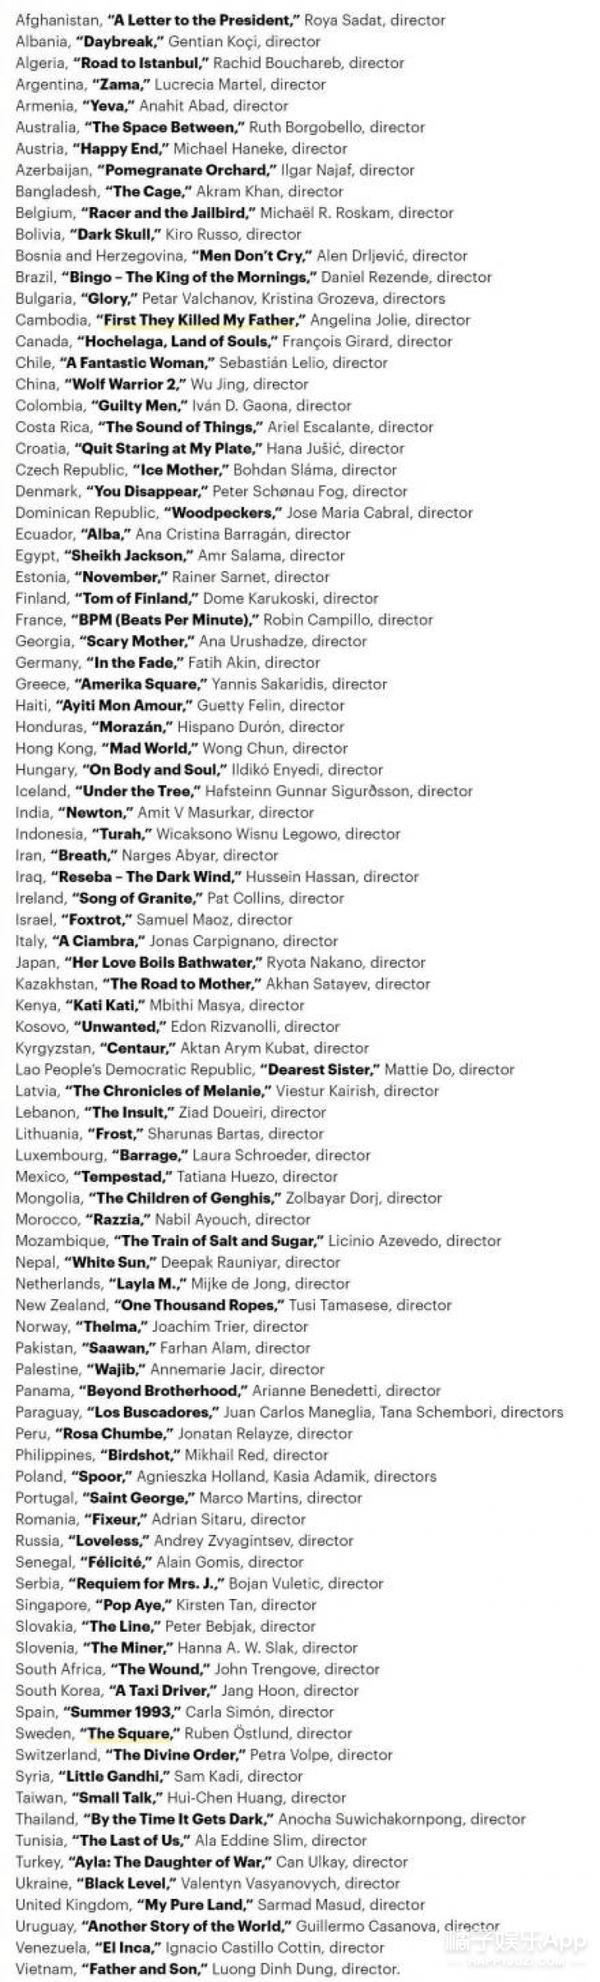 中国内地选送《战狼2》参与奥斯卡最佳外语片角逐!